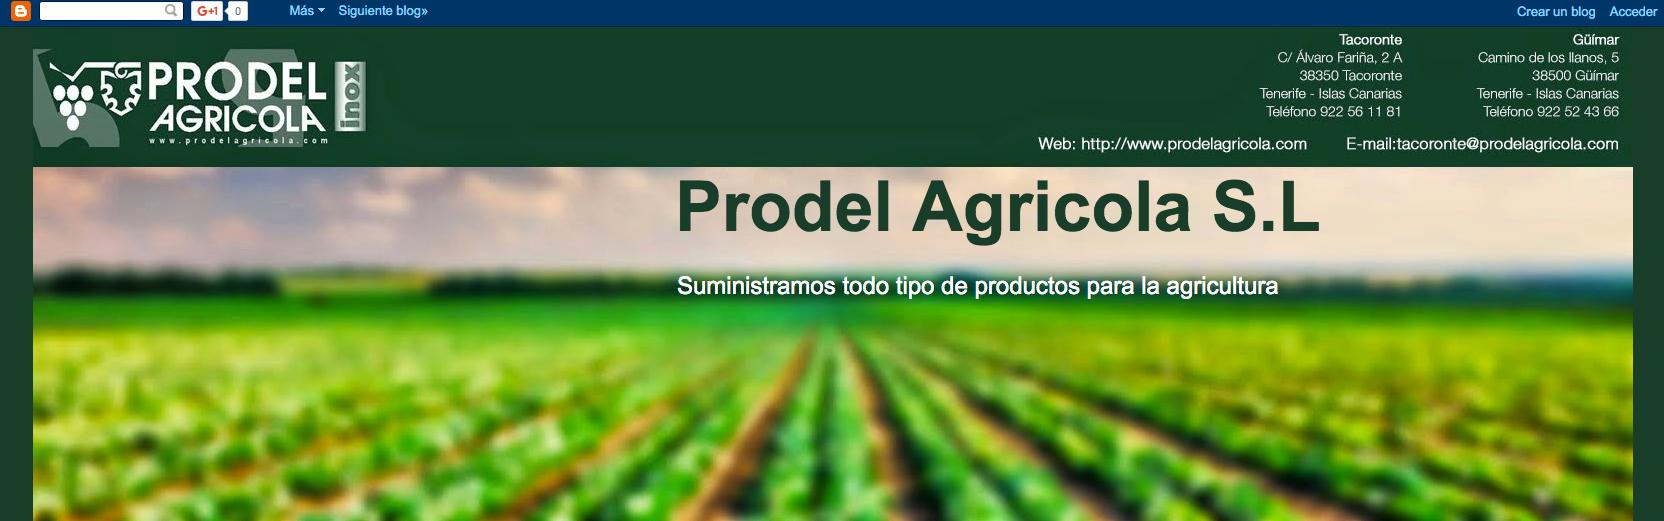 Curso de elaboración de vinos en Prodel Agrícola